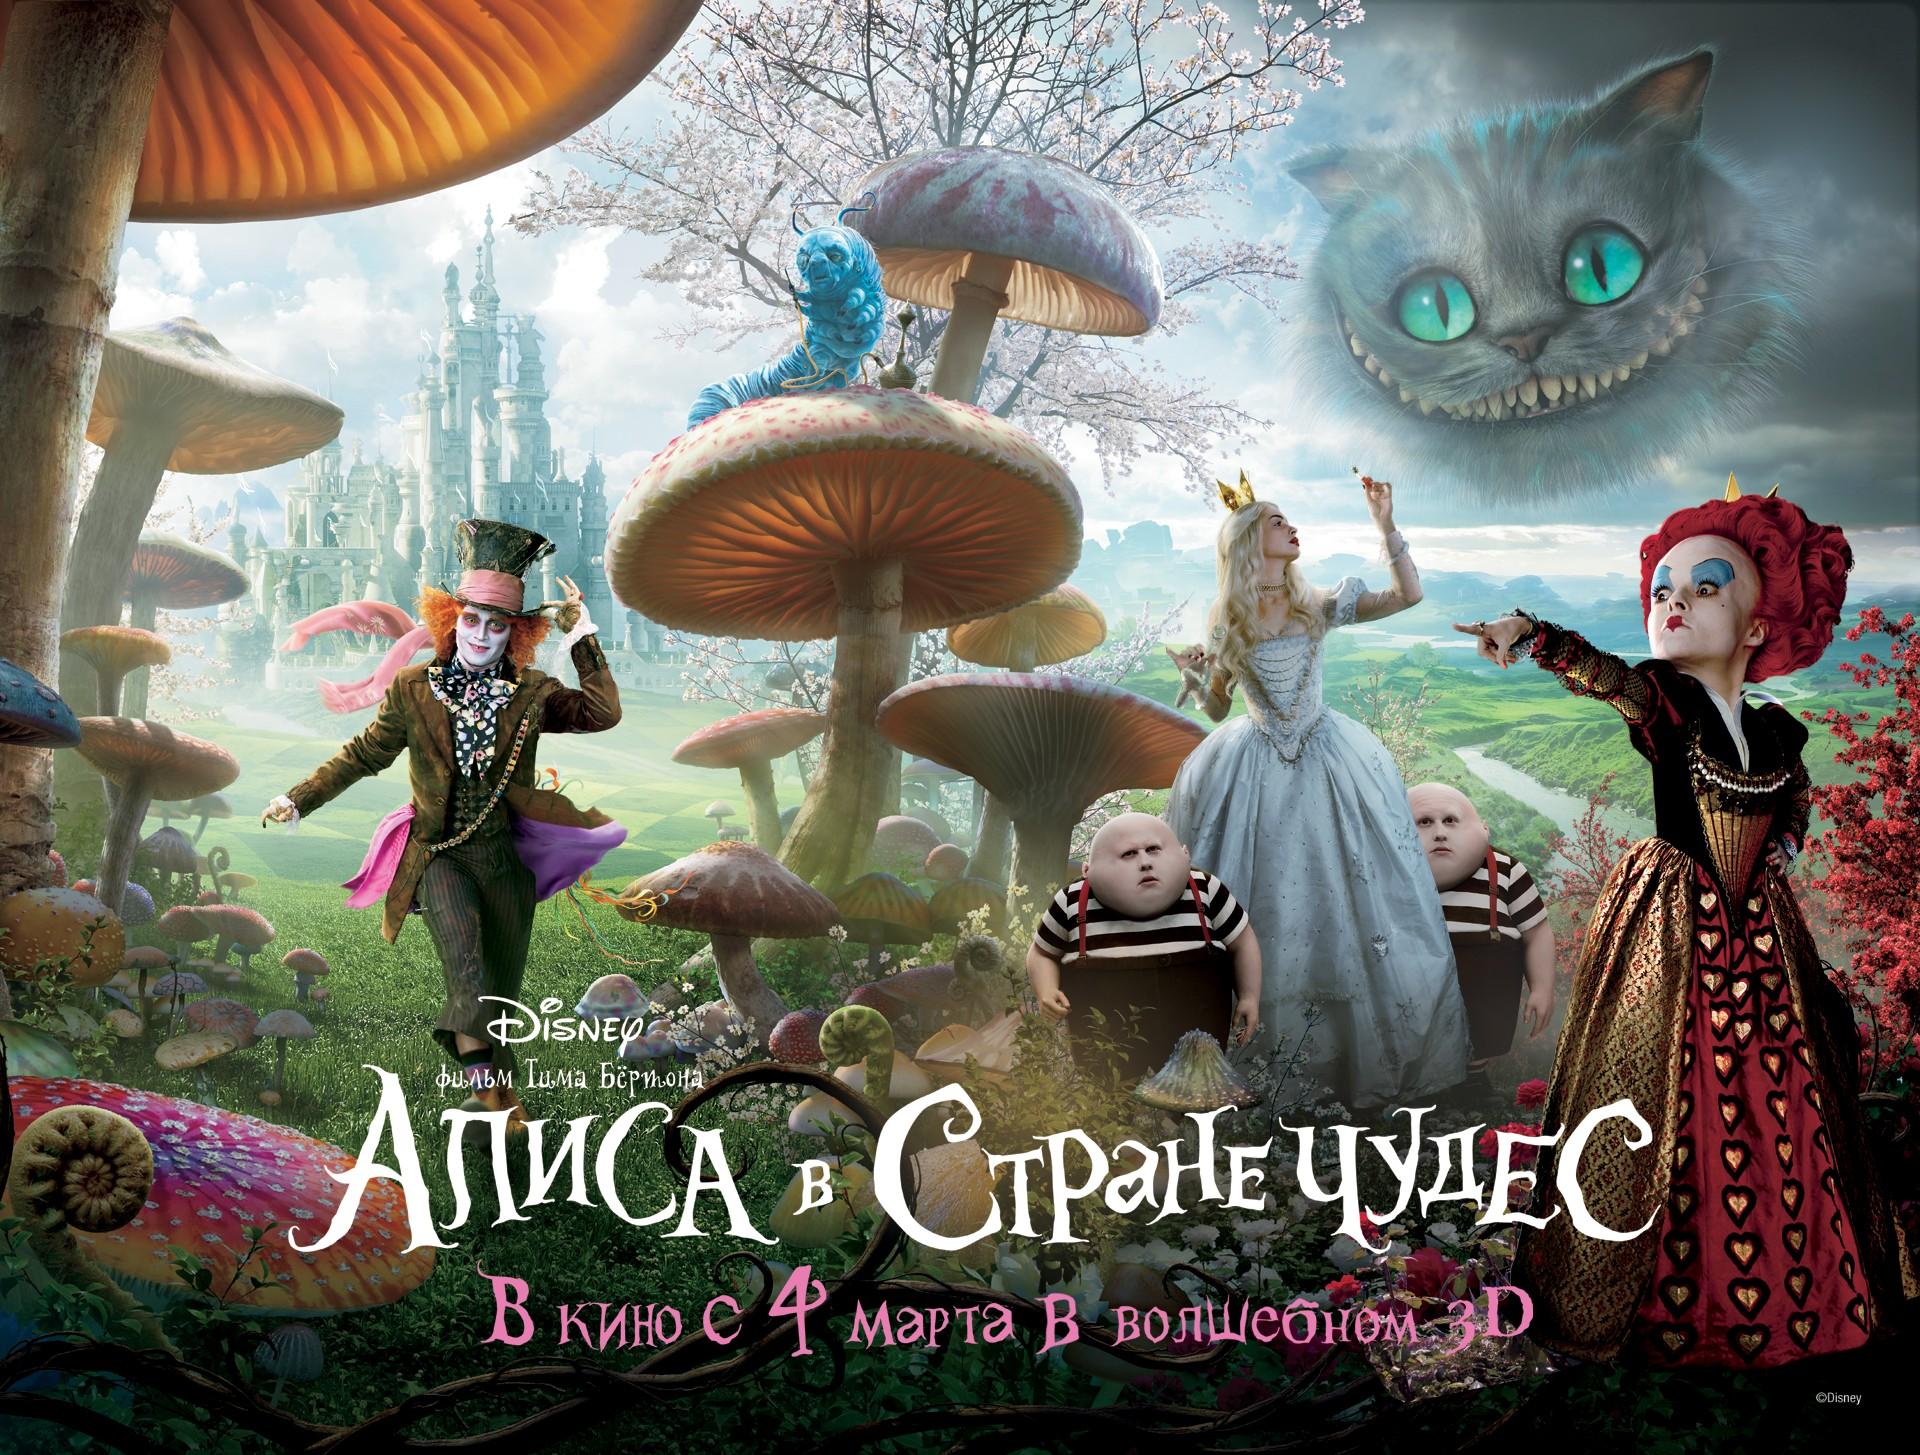 ����� � ������ ����� (Alice in...